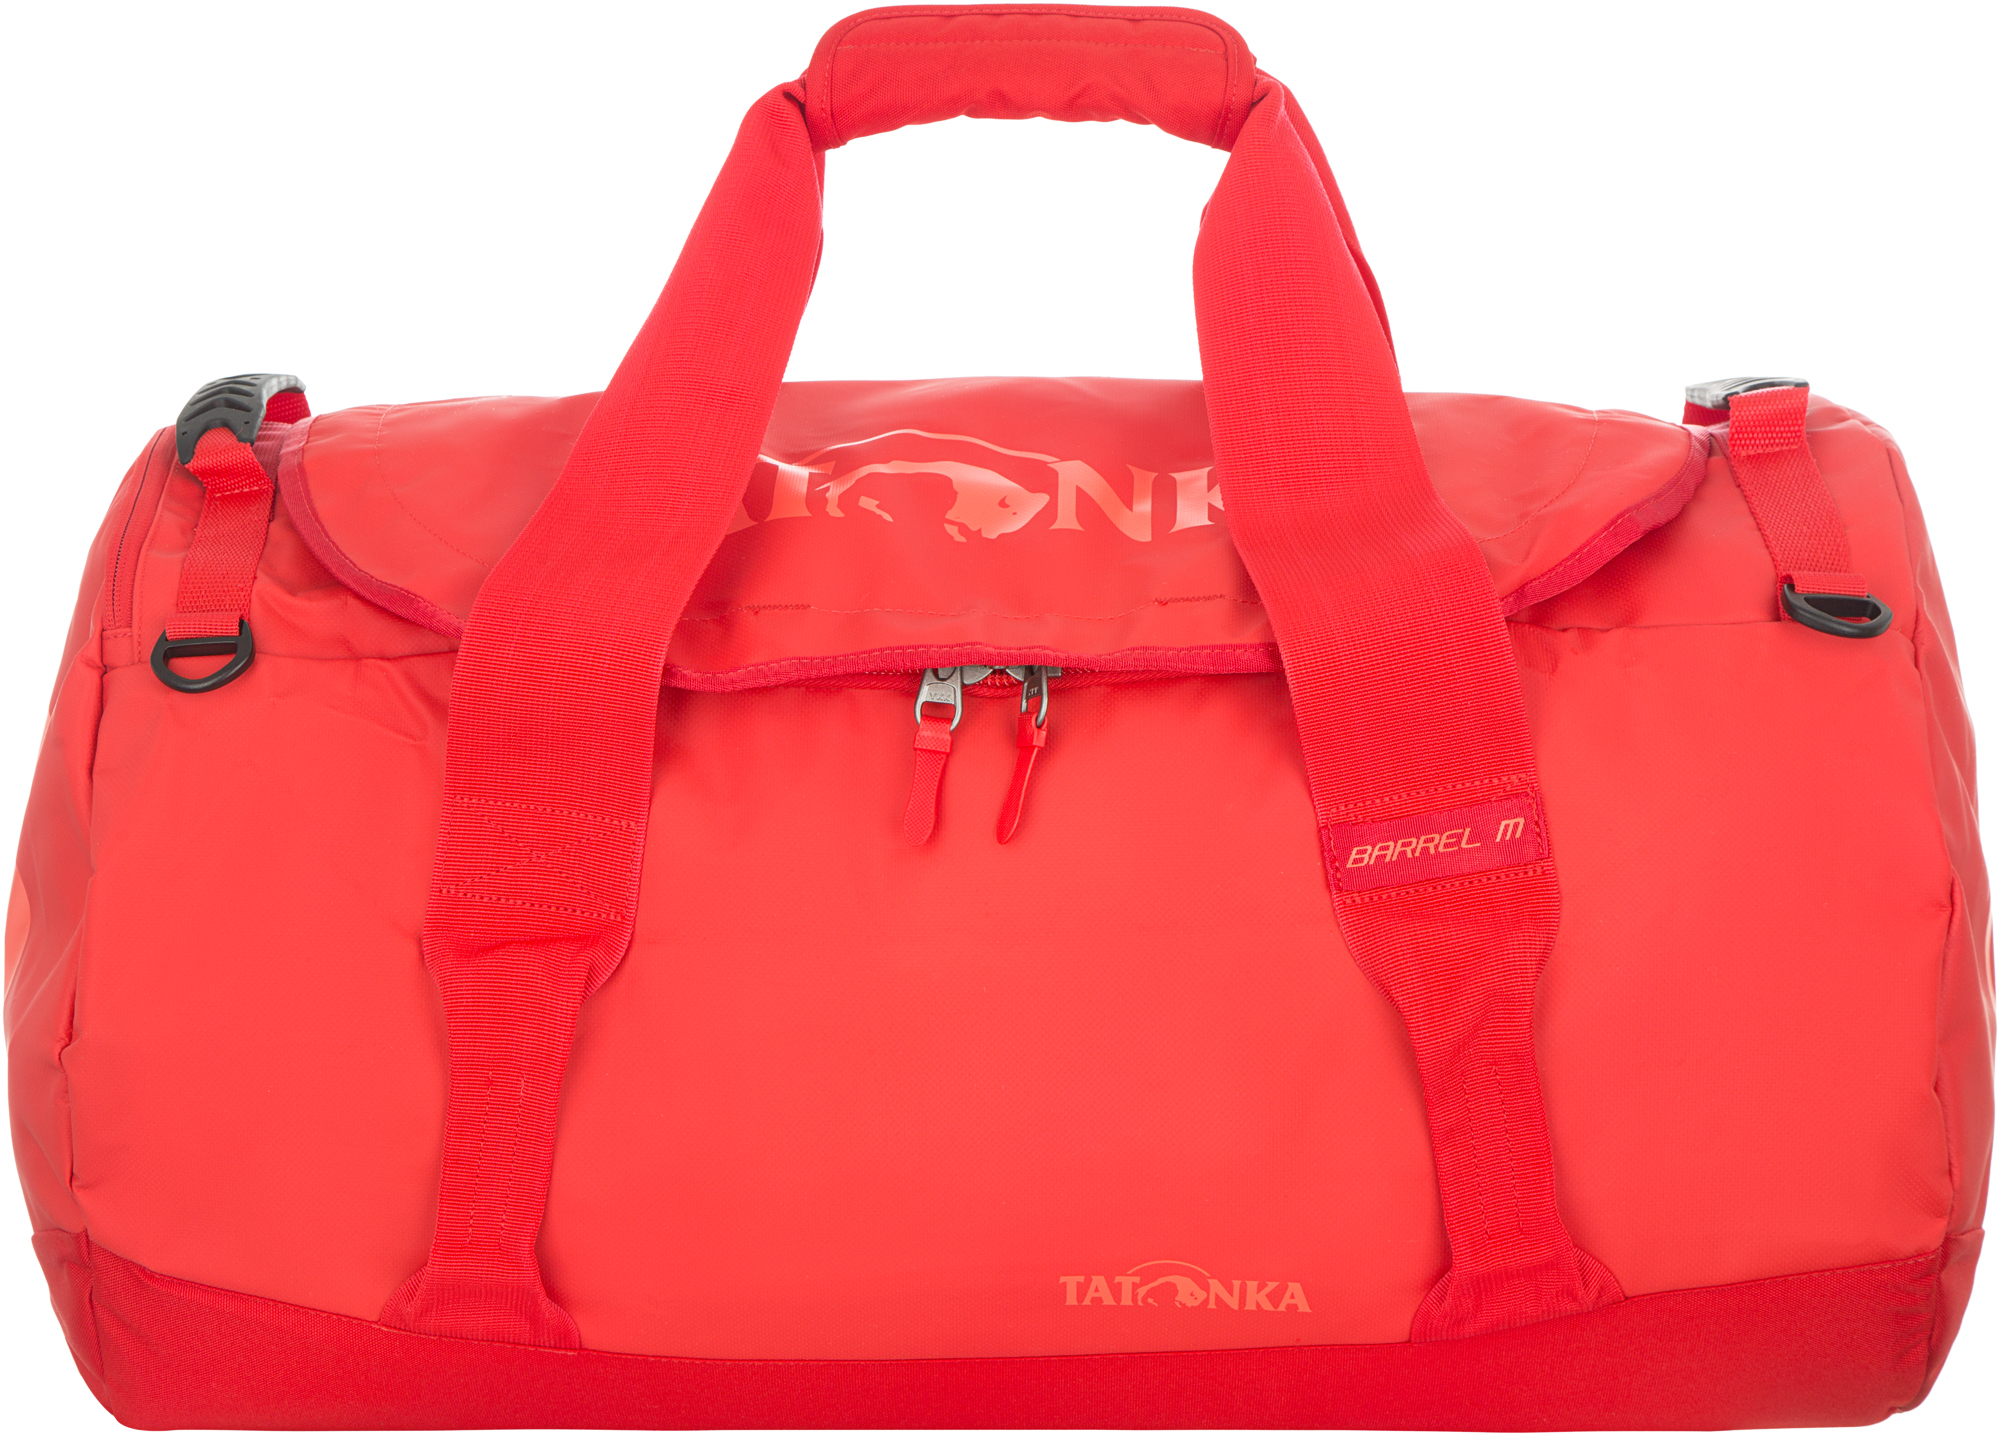 Tatonka tatonka сумка на пояс tatonka funny m